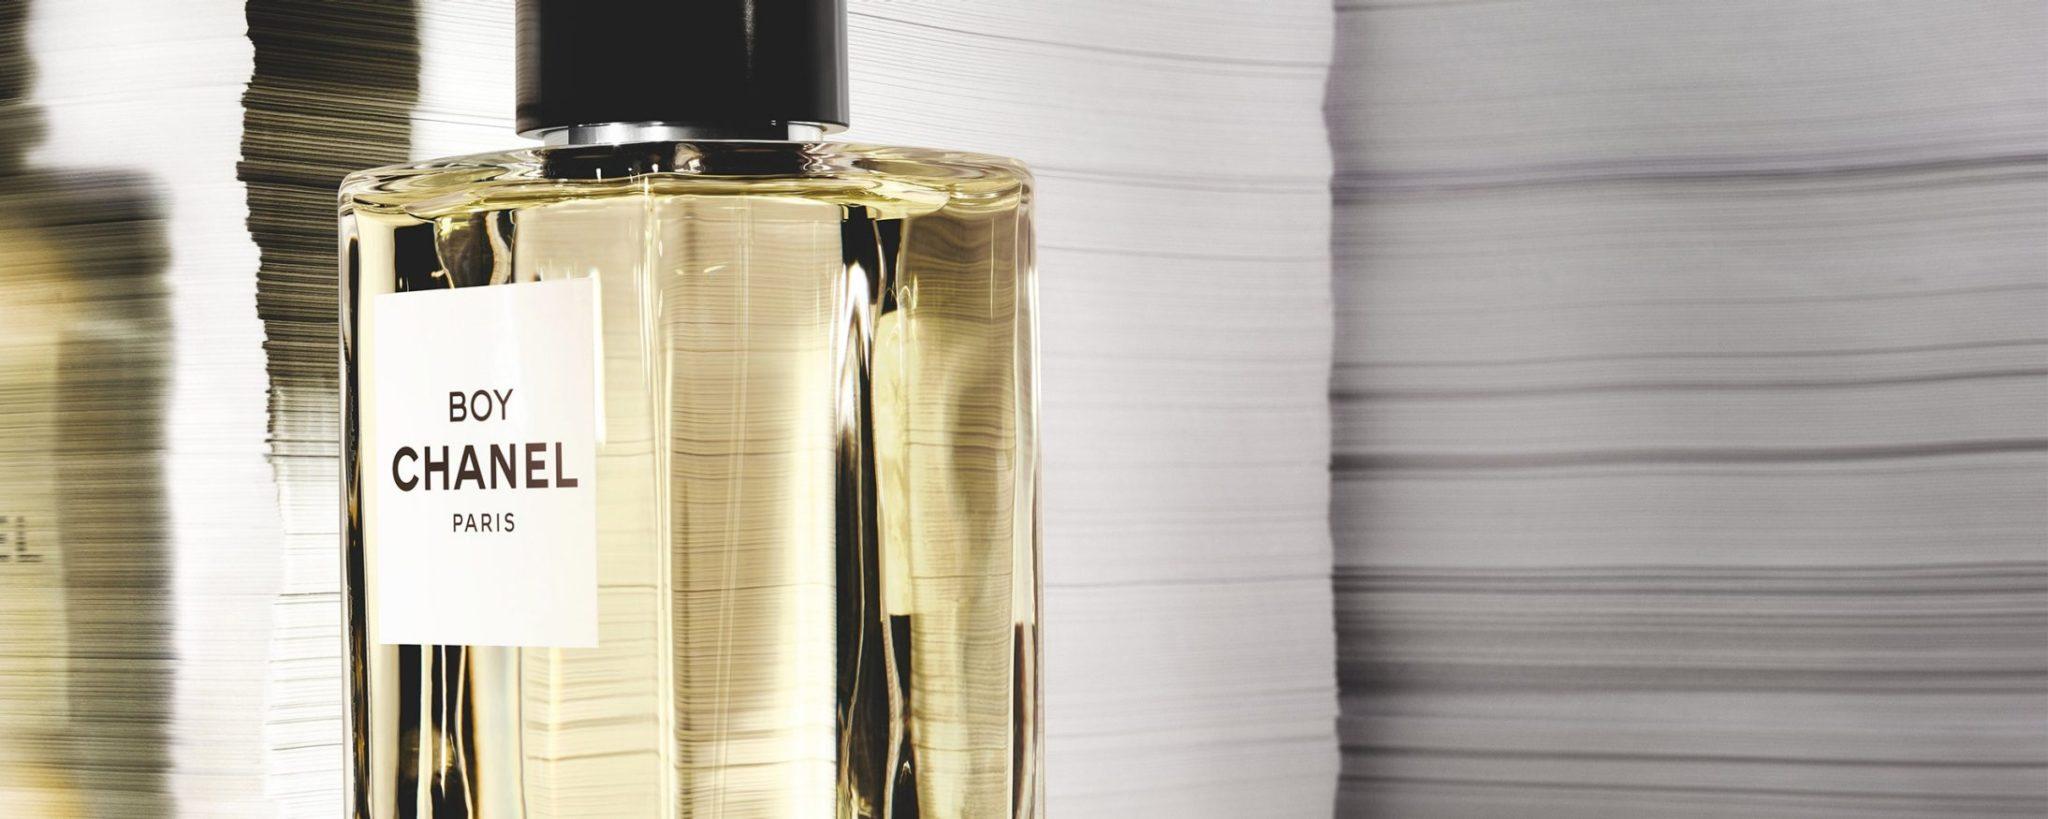 Chanel Les Exclusifs Boy eau de parfum Esprit de Gabrielle jeronimodiparigi-dev-esprit-de-gabrielle.pf1.wpserveur.net